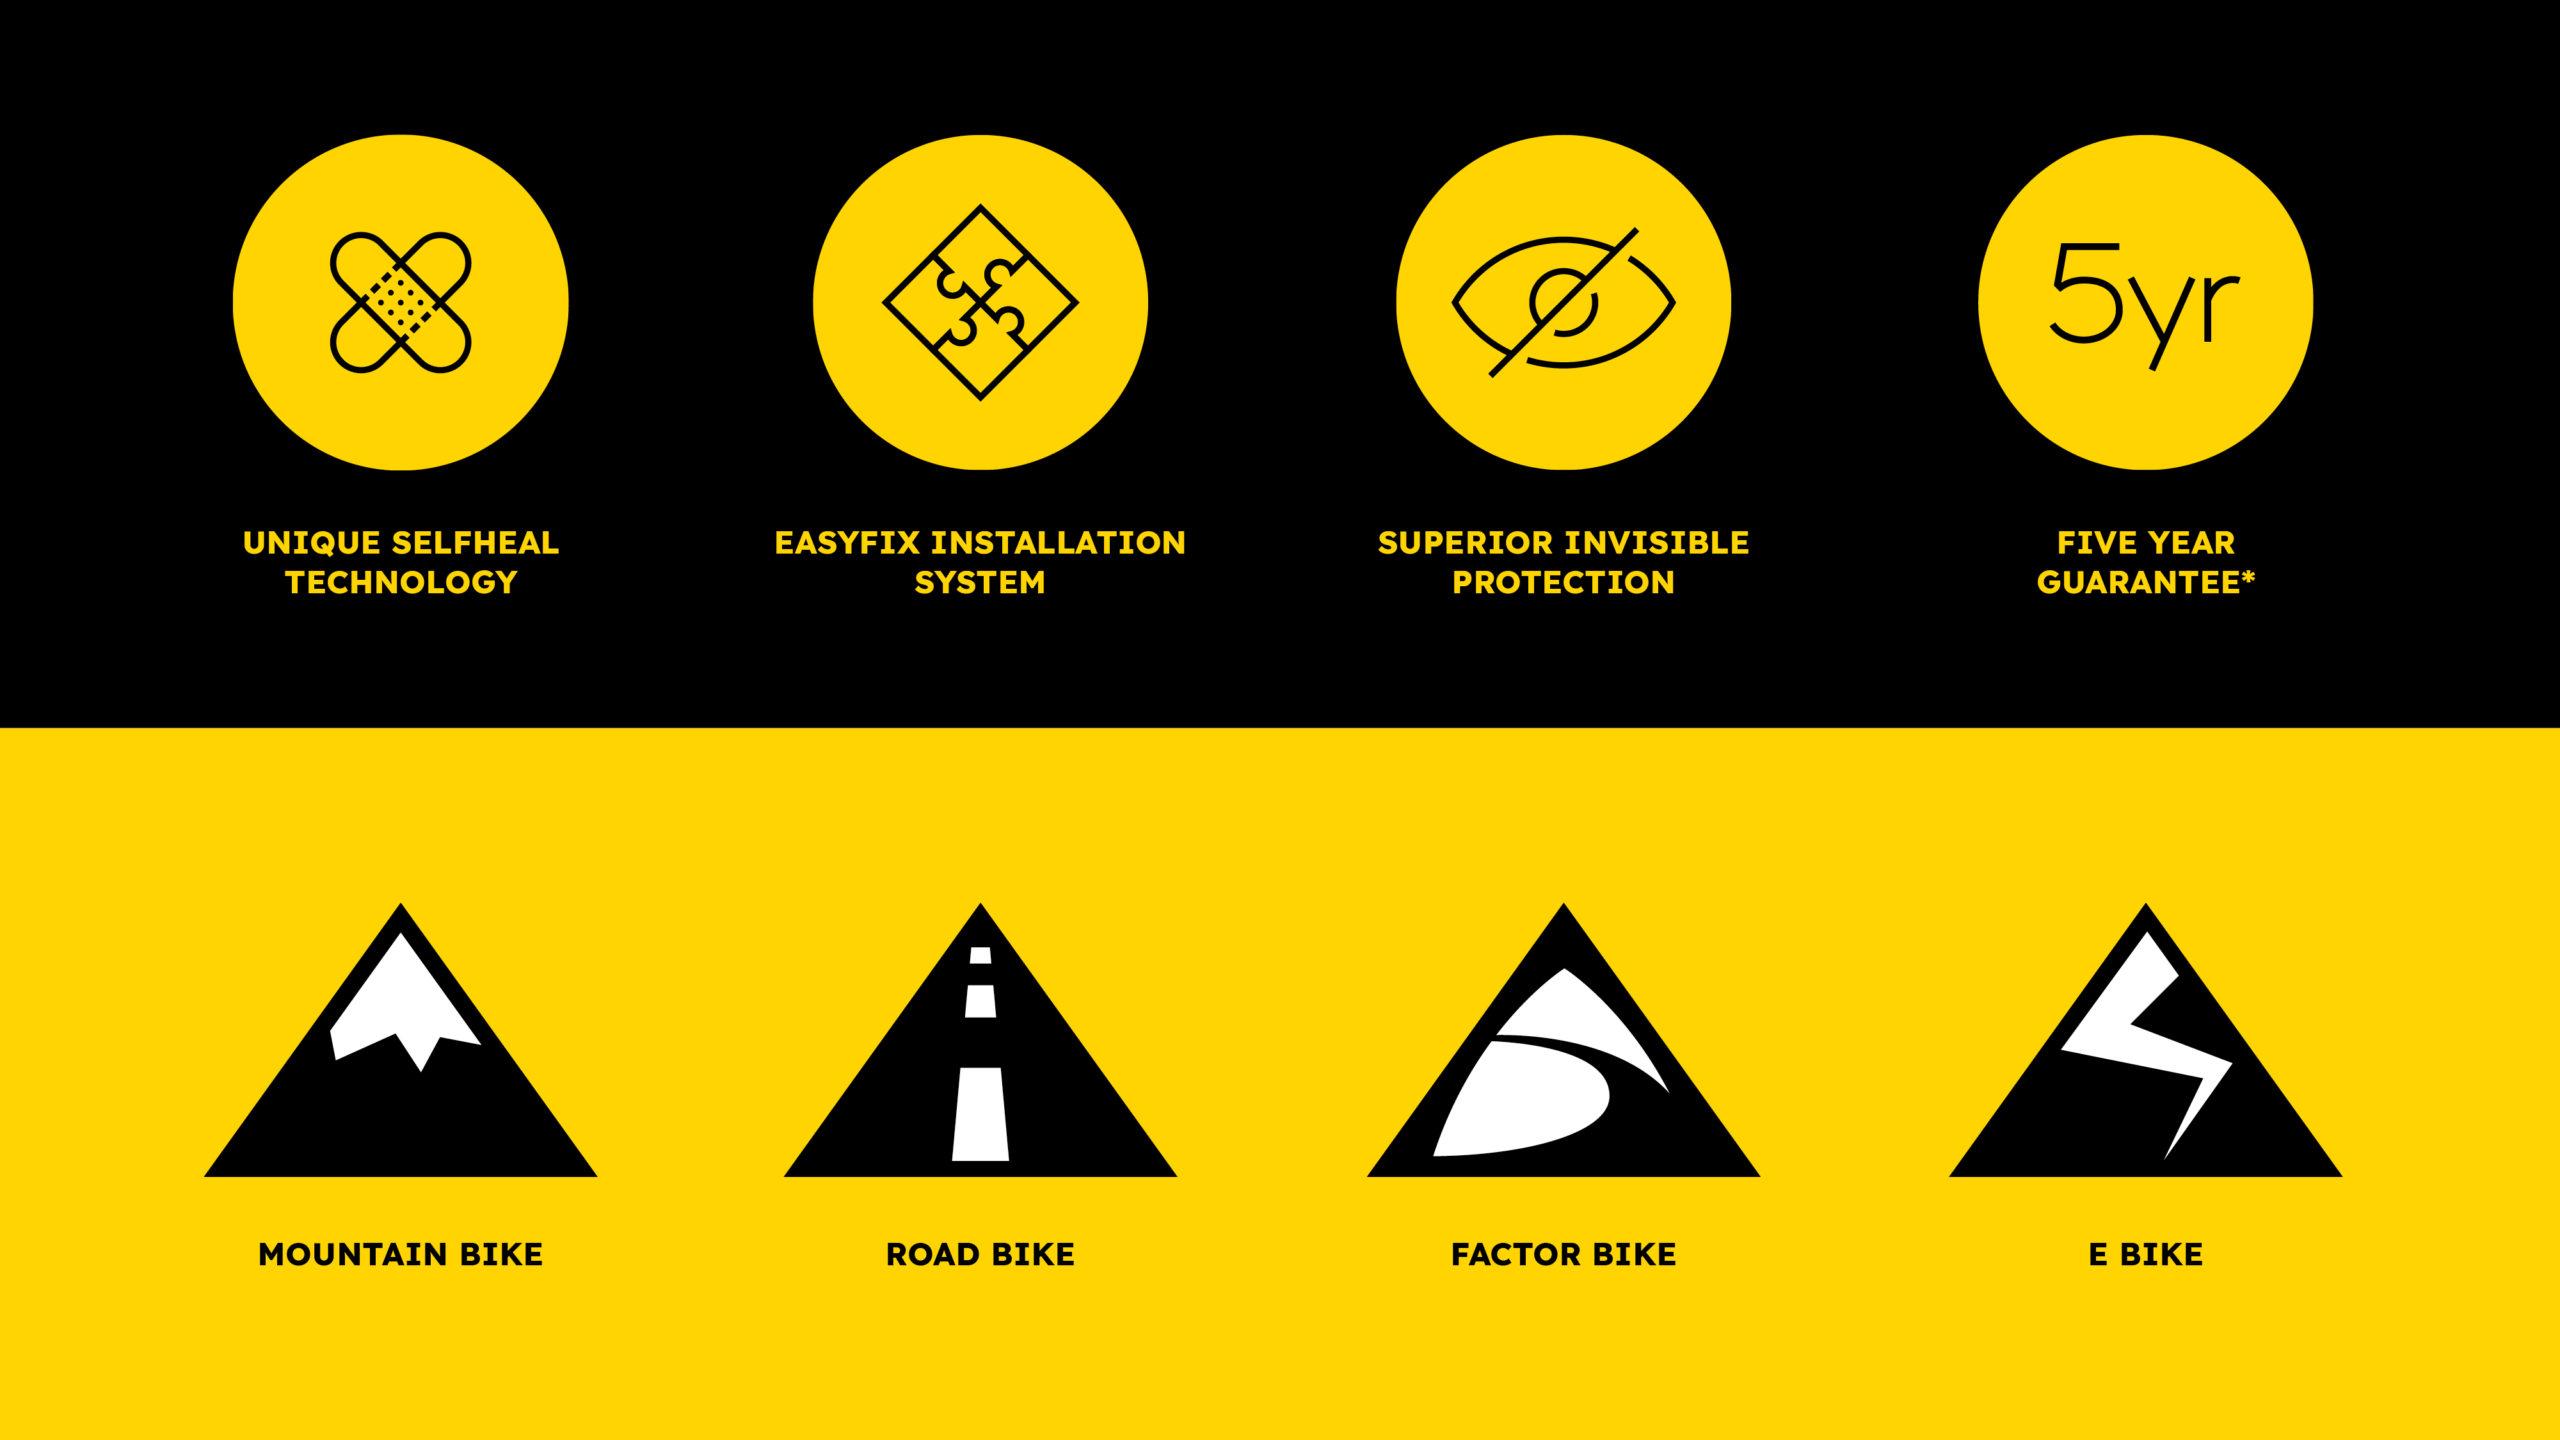 Exogard Visual Identity Iconography